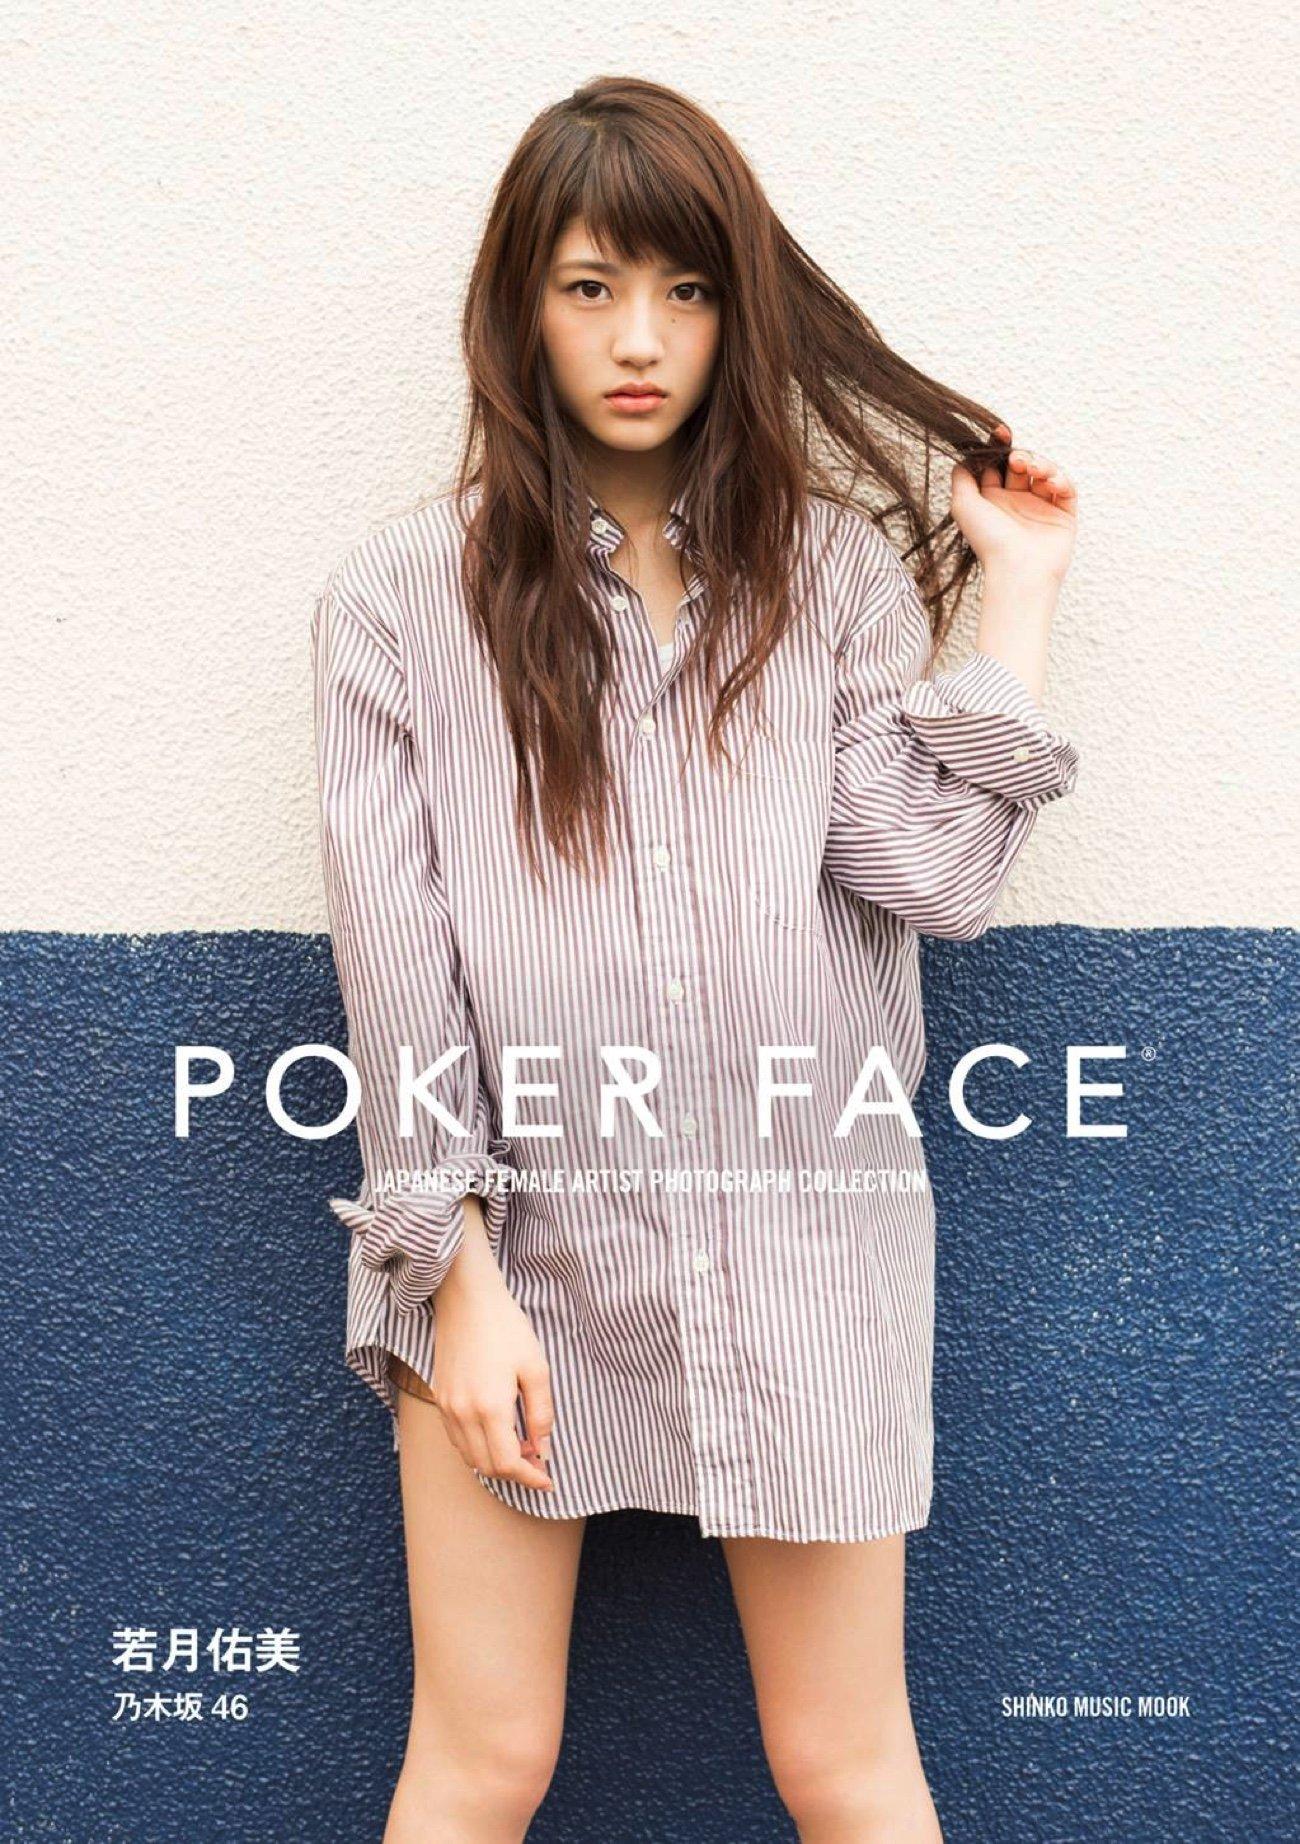 乃木坂46 若月 POKER FACE(ポーカーフェイス)